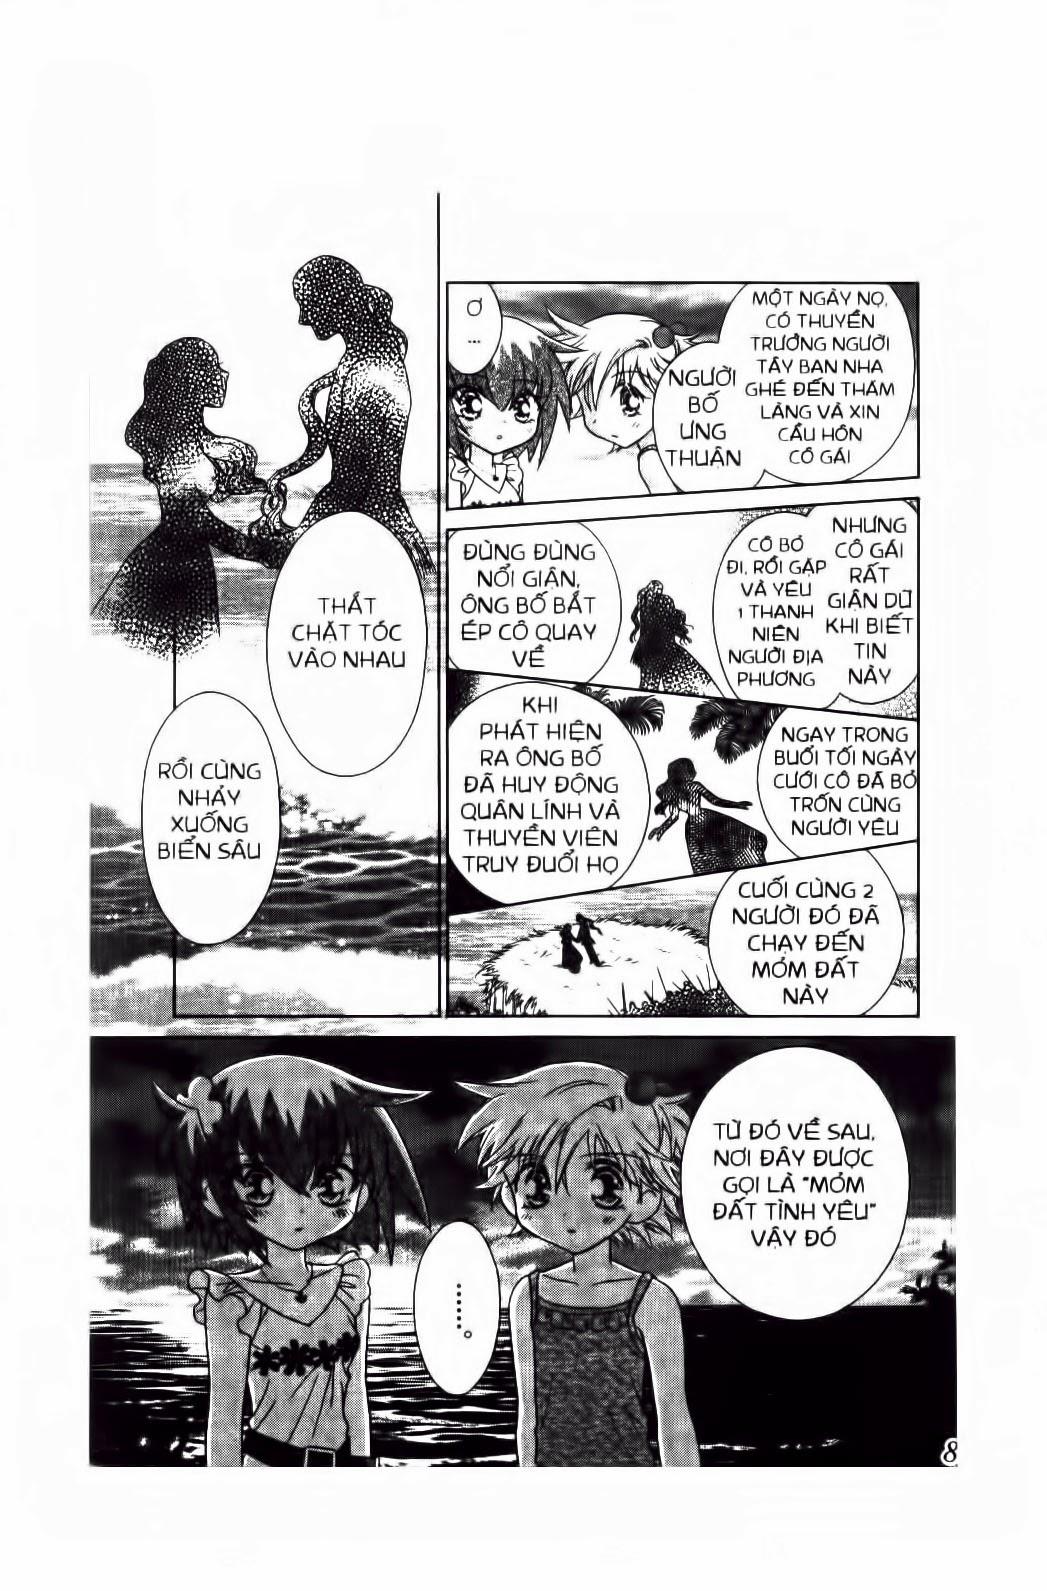 Chắp Cánh ước Mơ chap 55 - Trang 10